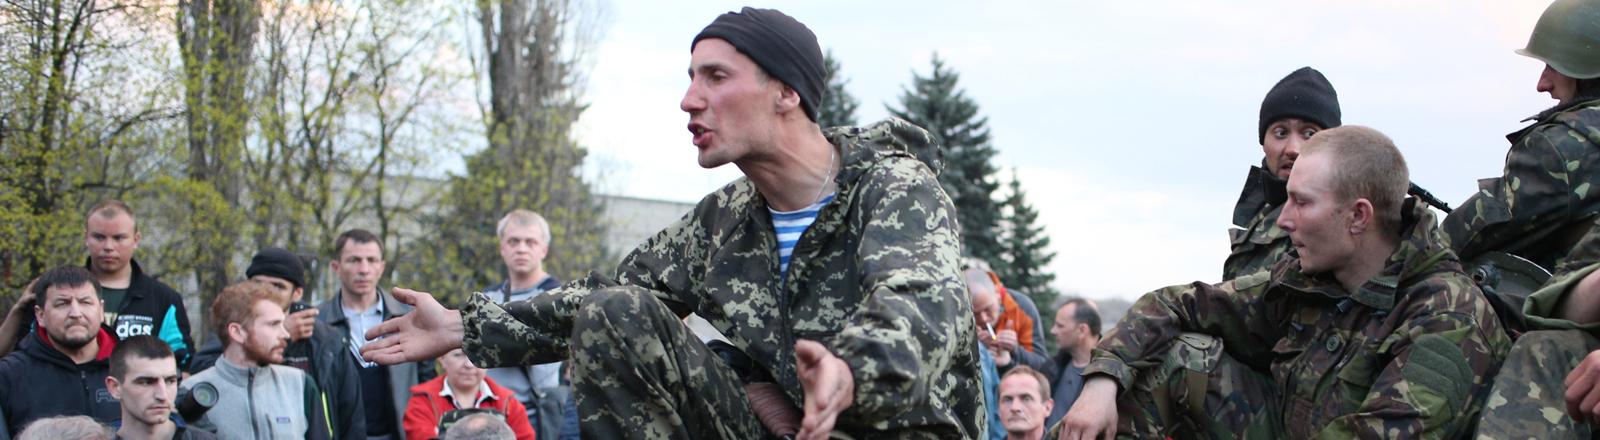 Ukrainische Soldaten werden außerhalb von Kramatork von Bürgern aufgehalten.